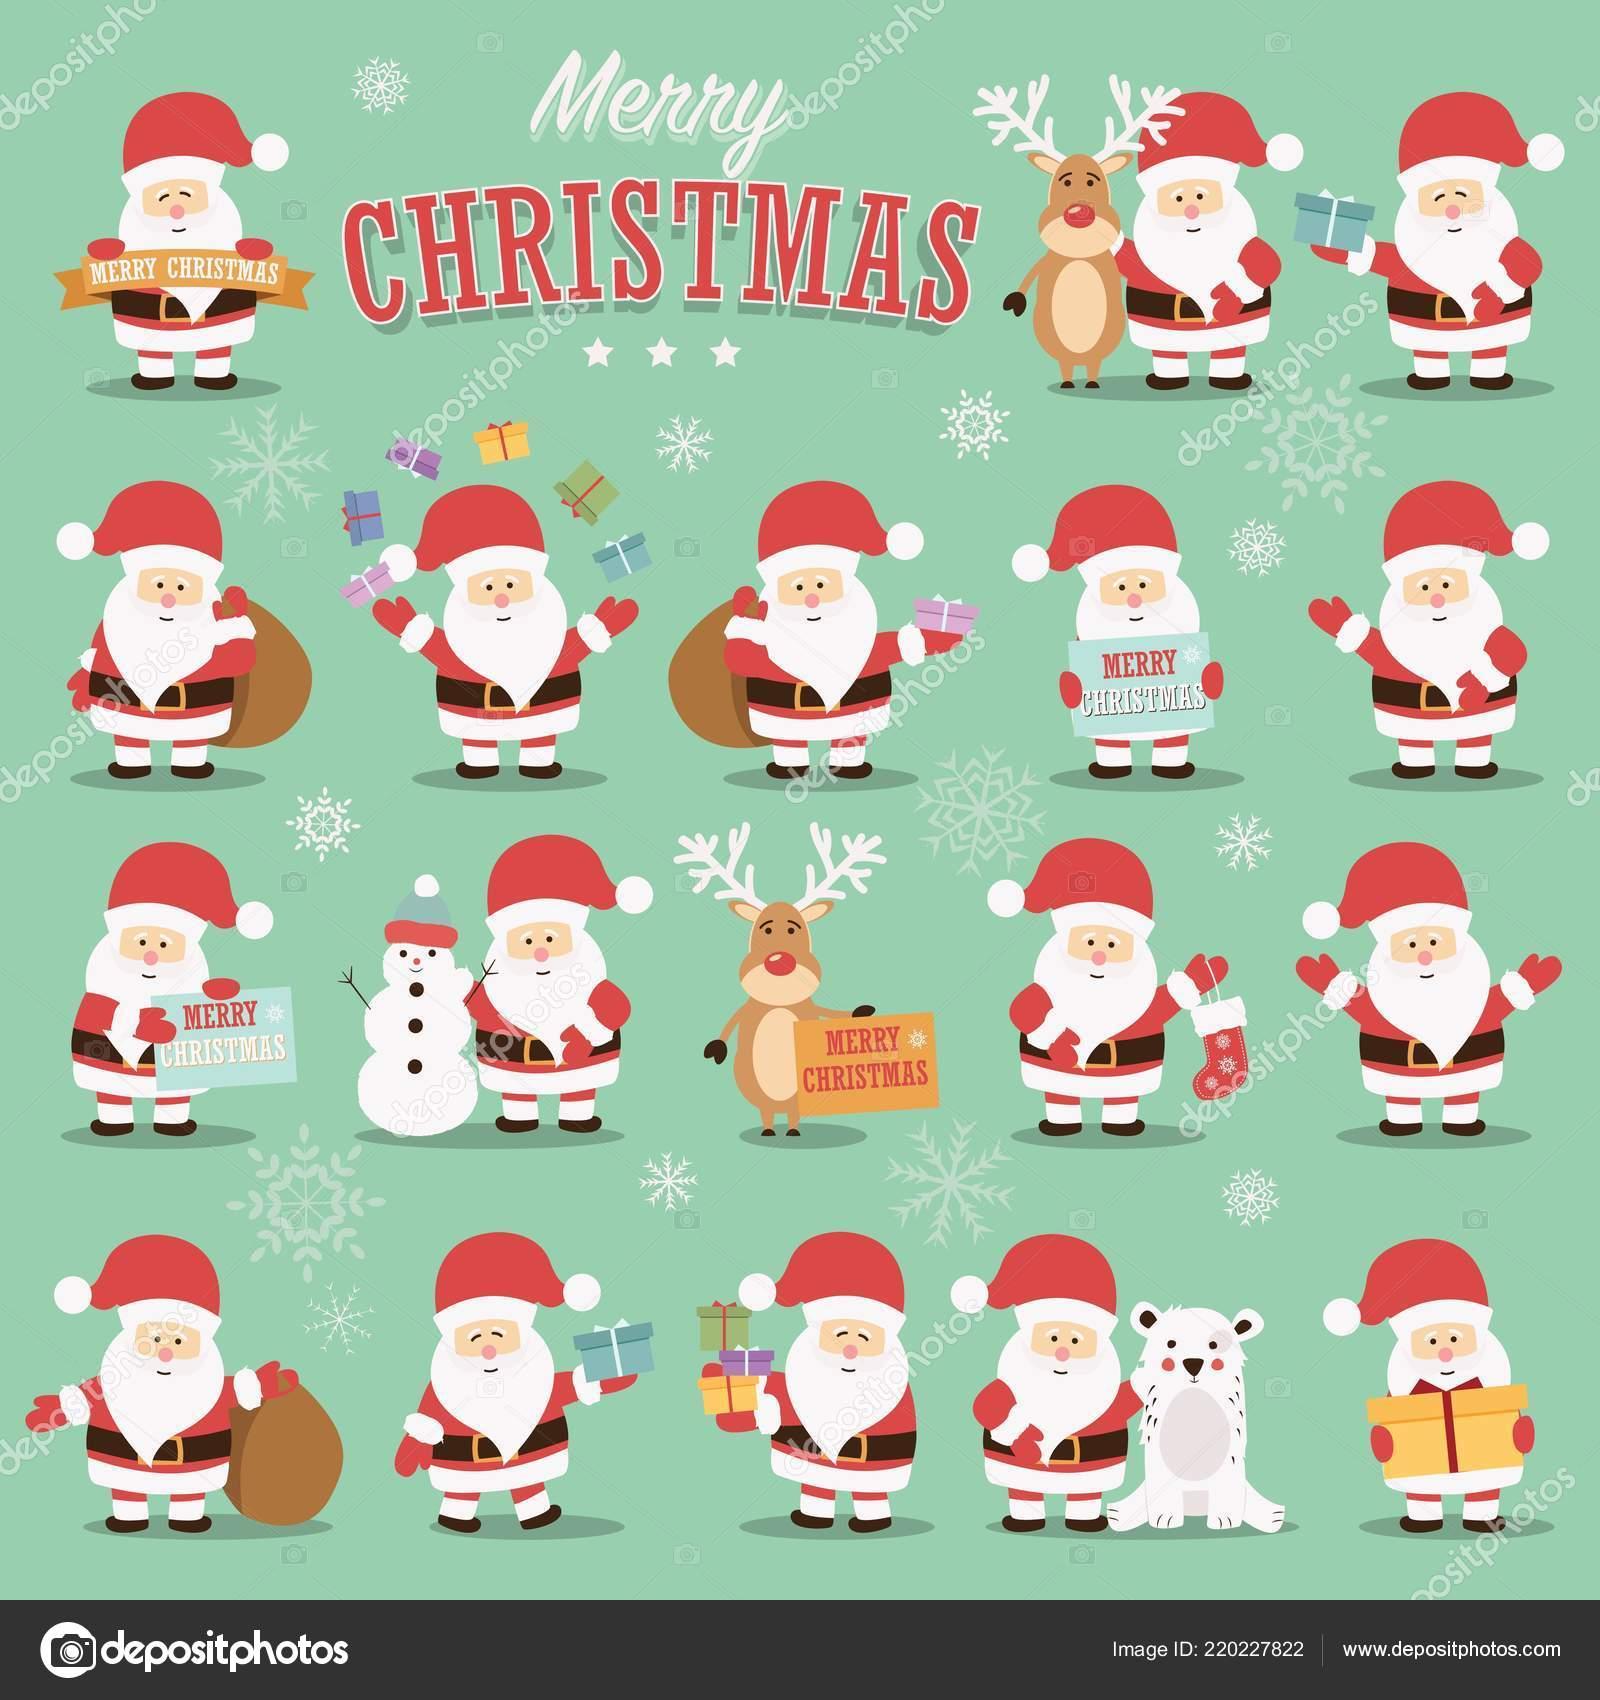 Immagini Simpatiche Babbo Natale.Fotografie Renne Simpatiche Raccolta Simpatici Personaggi